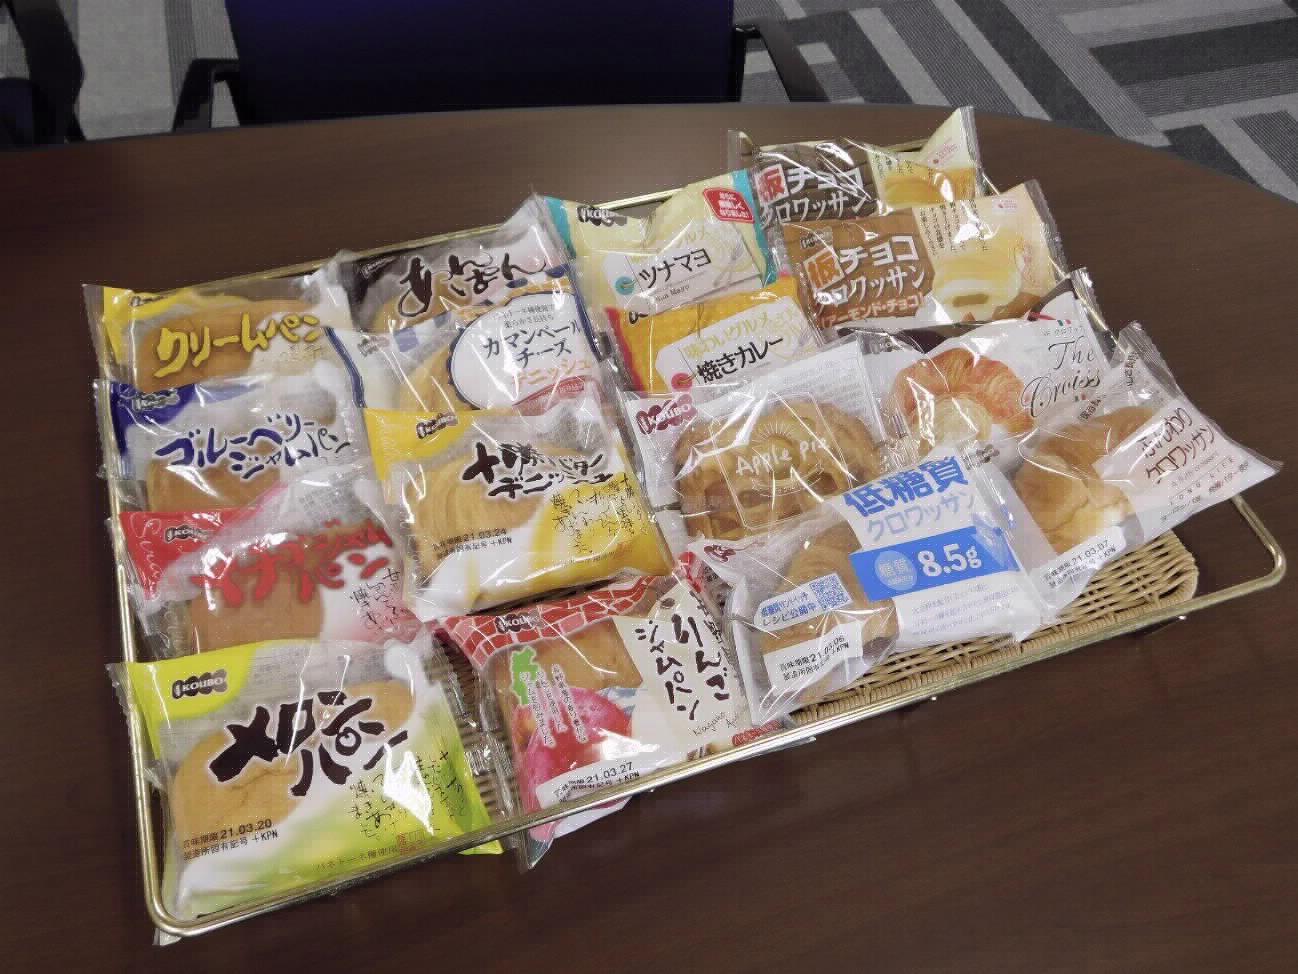 パネックス様で製造している製品:特に長野県産のリンゴを使ったリンゴジャムパンとアップルパイは非常に売れているそうです